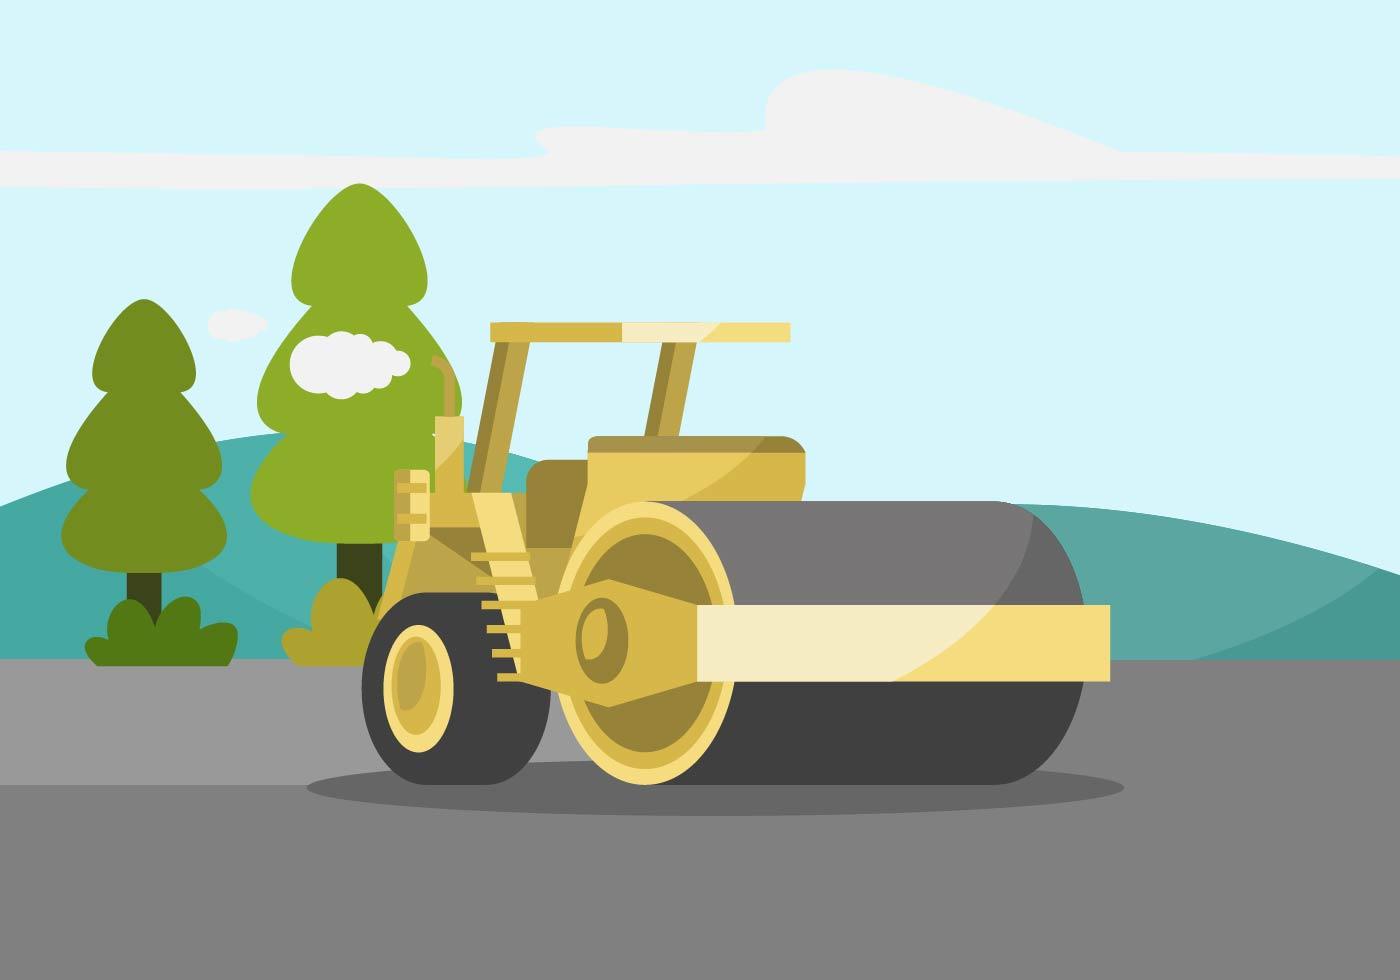 steamroller illustration